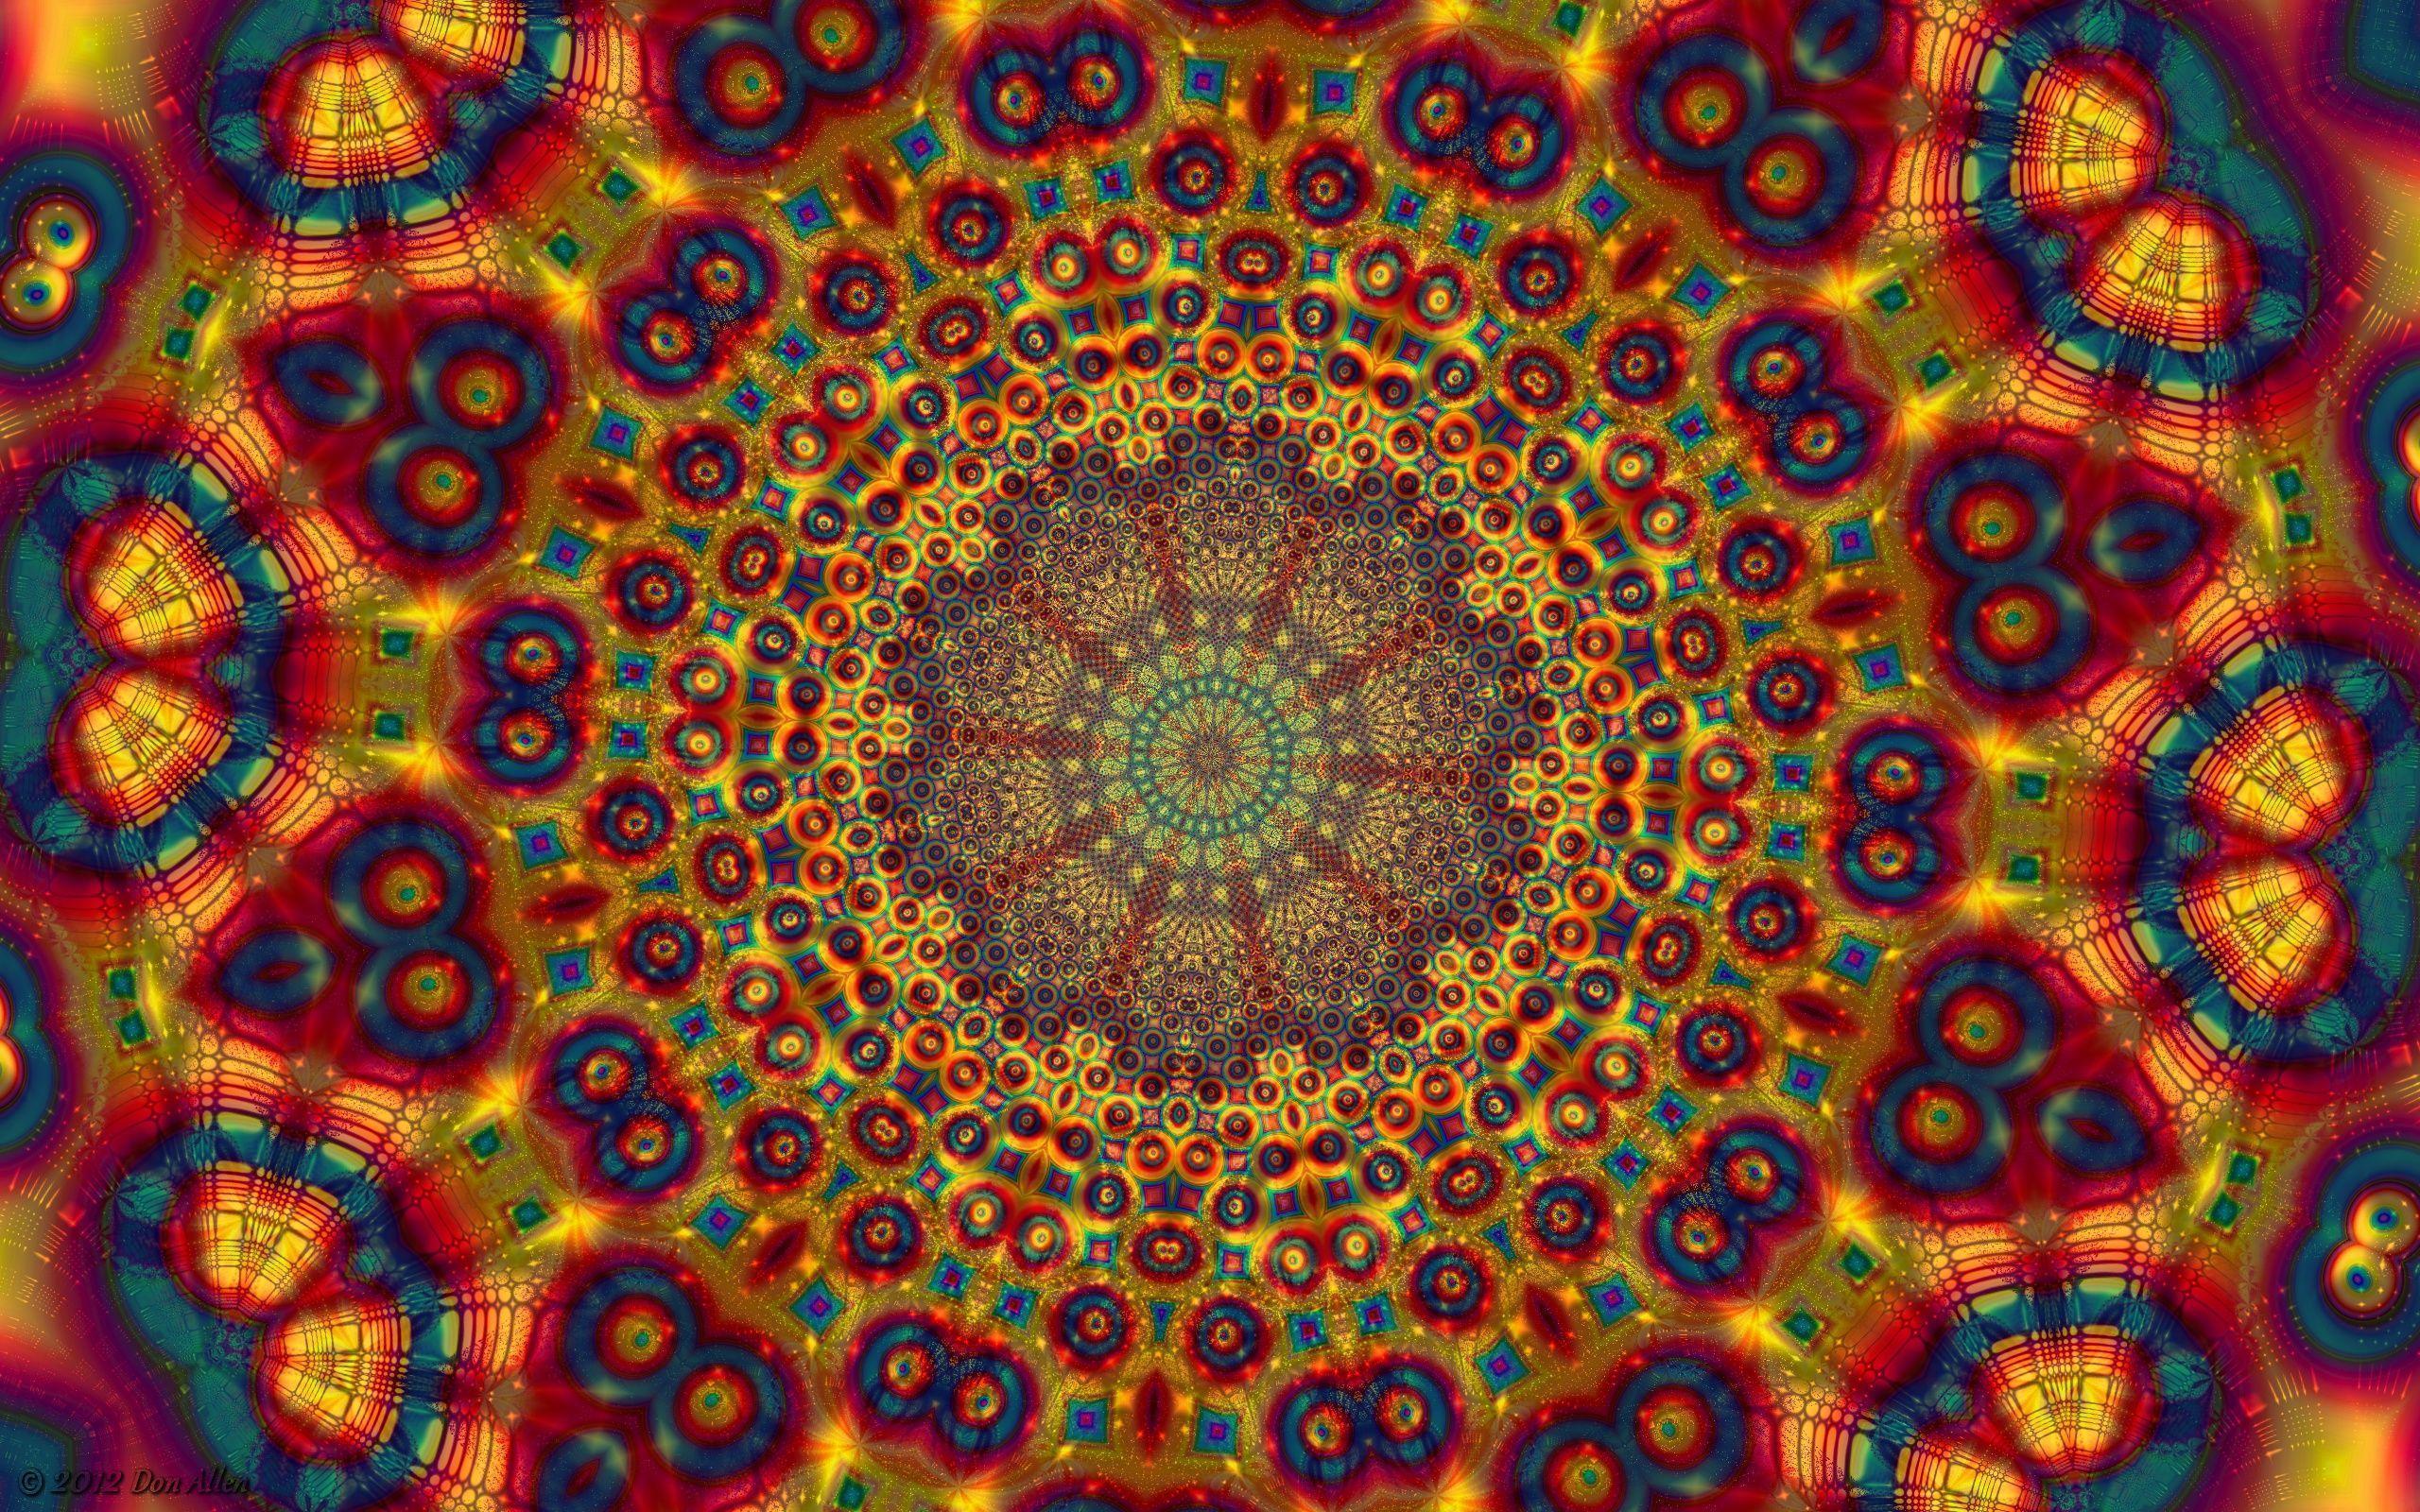 Mandala Desktop Wallpaper - WallpaperSafari